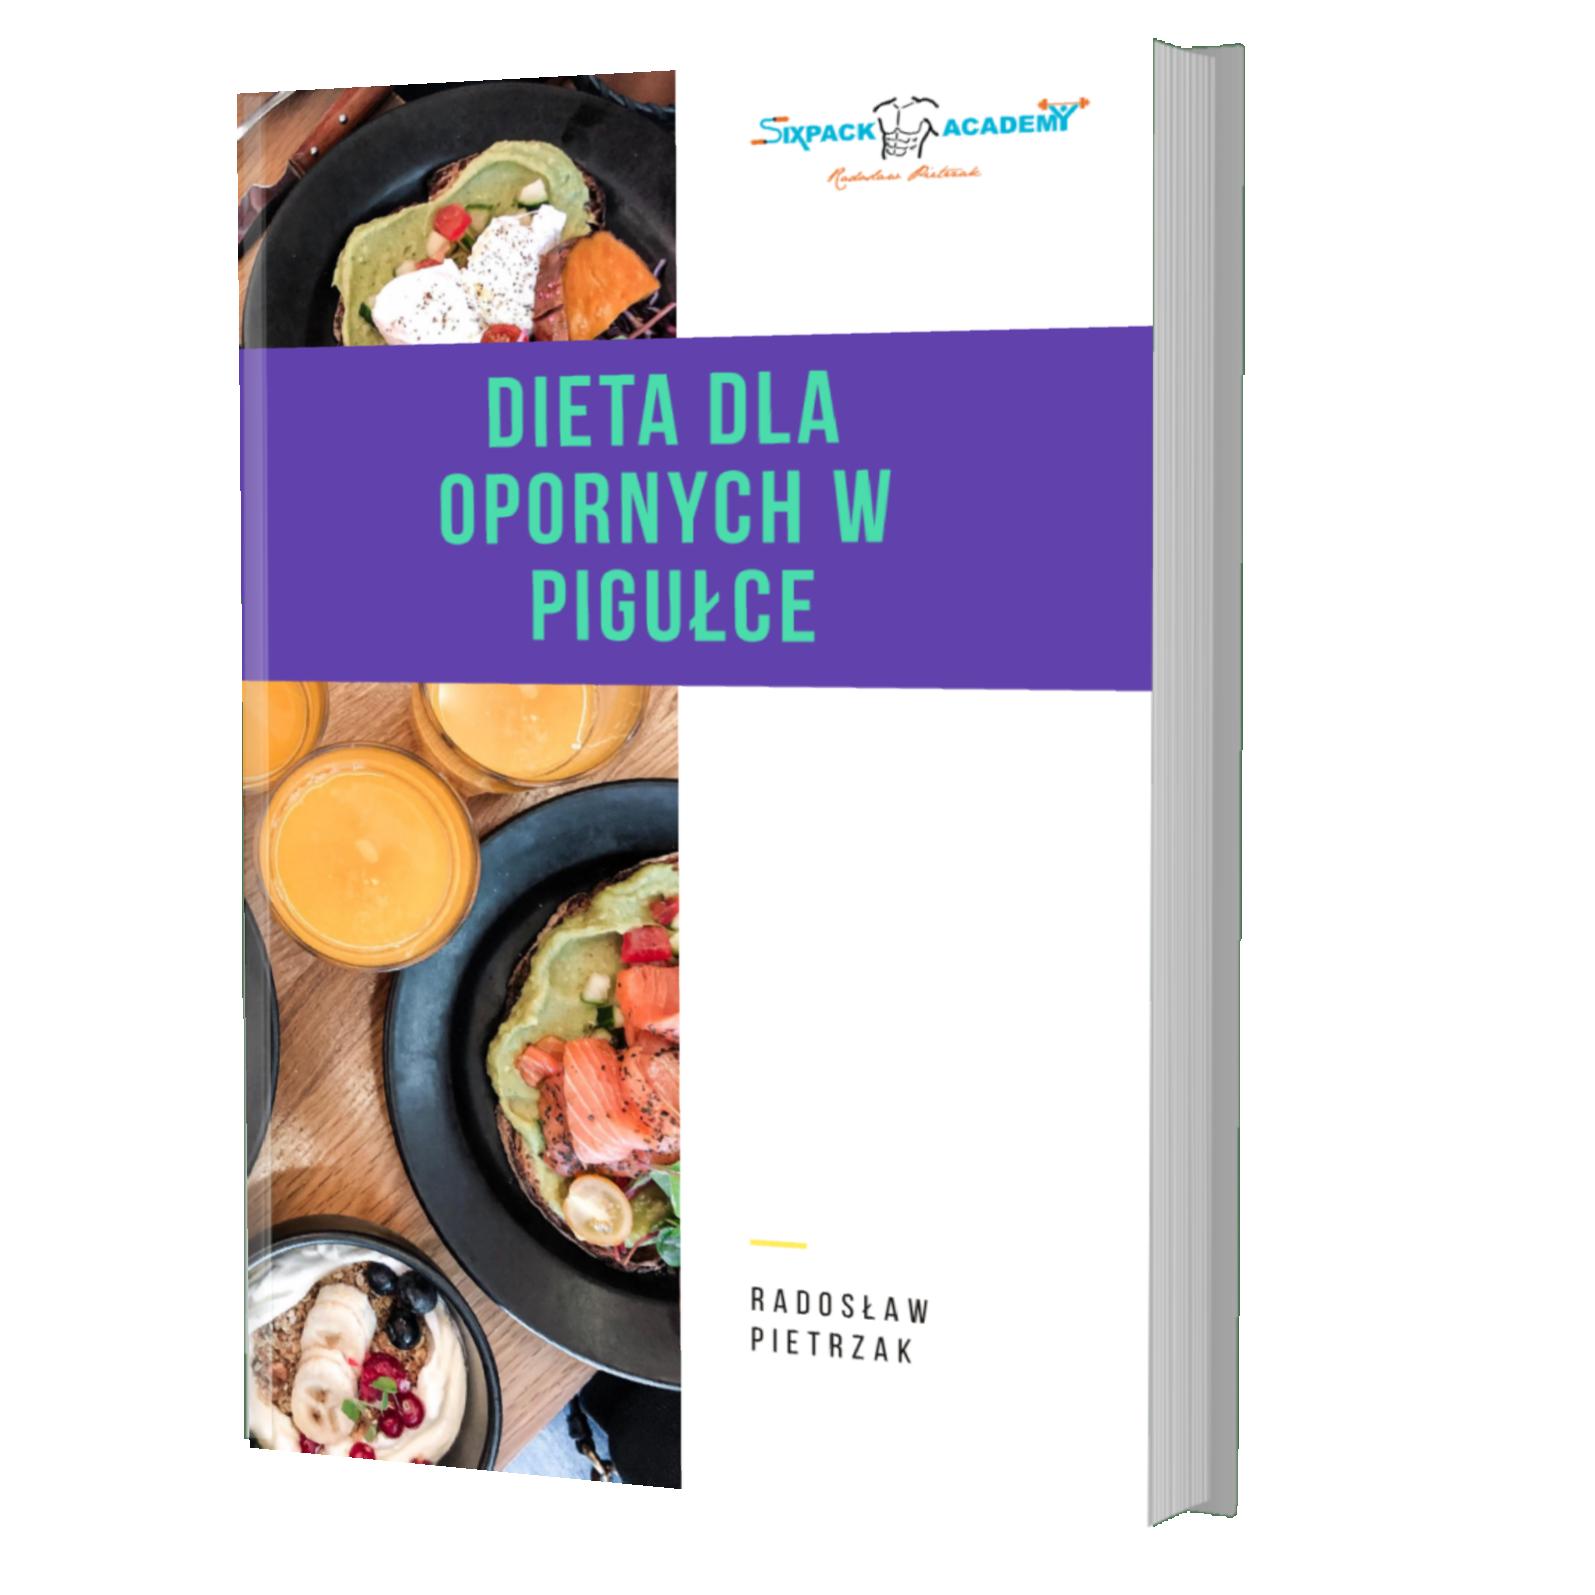 Dieta dla opornych w pigułce ebook